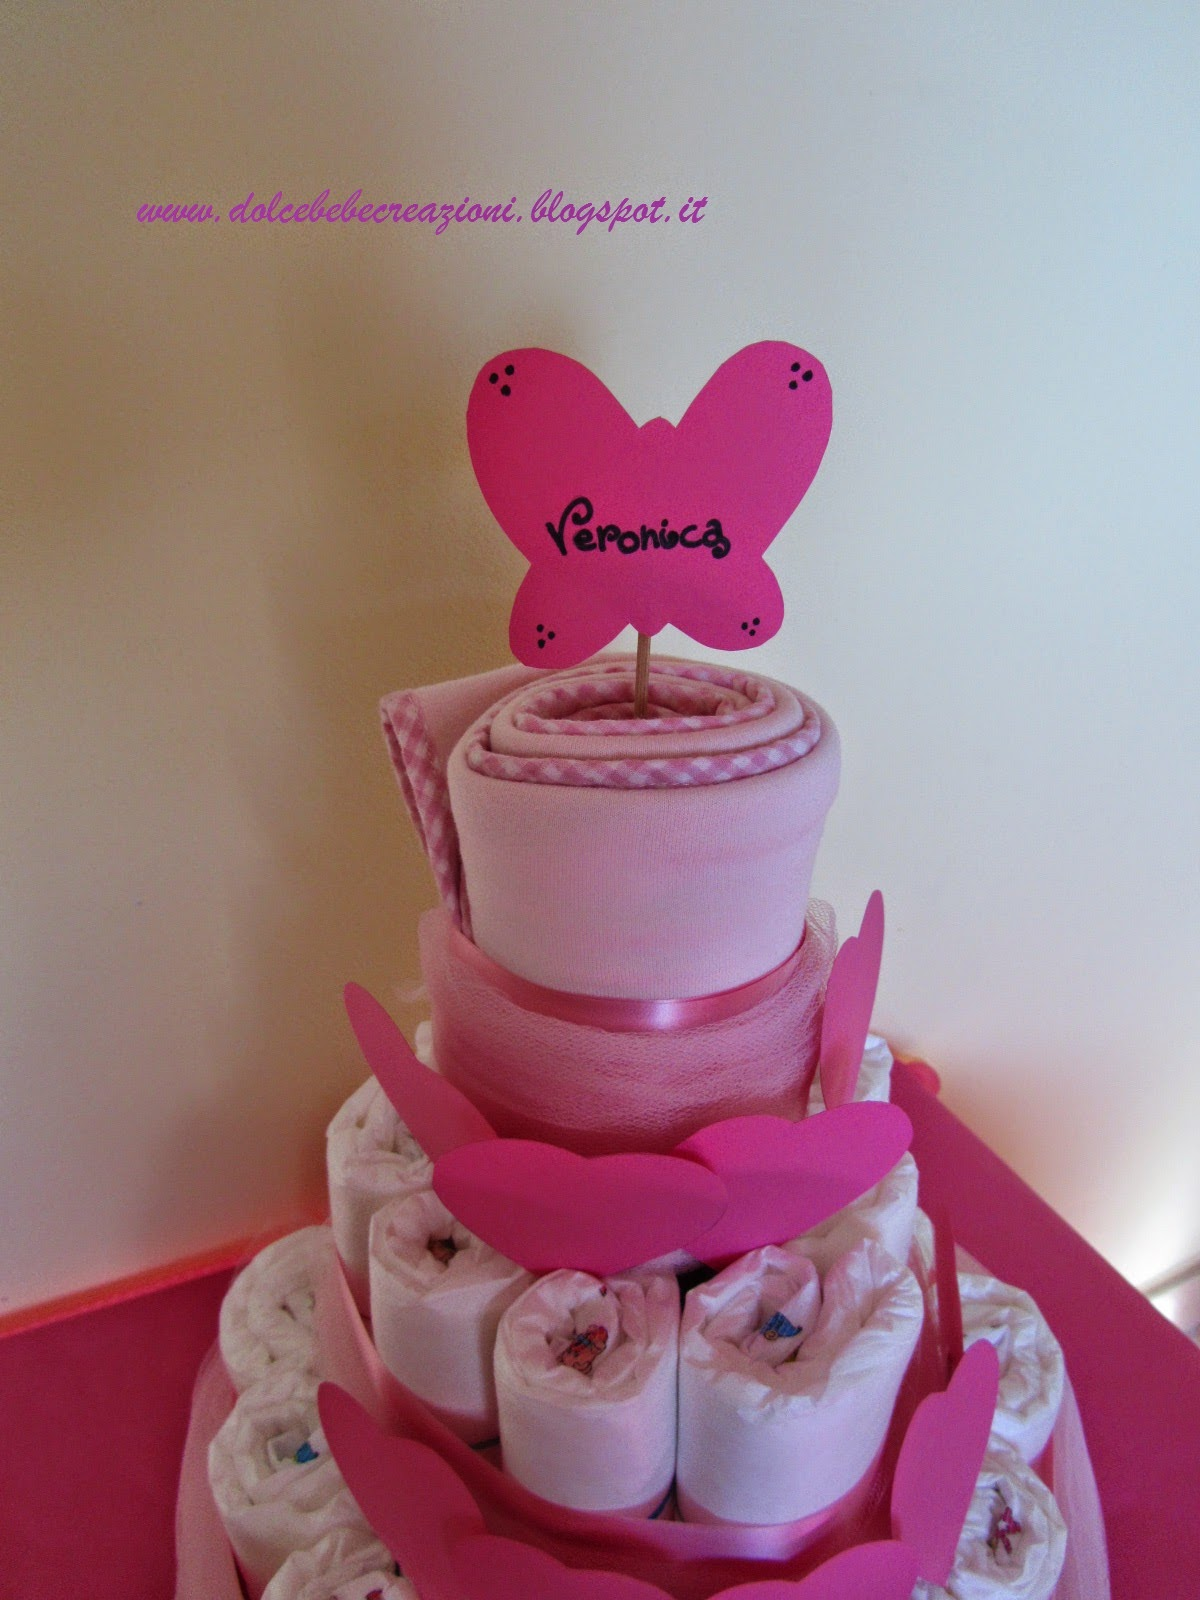 Amato Una torta di pannolini con i cuori | Dolce Bebè creazioni GJ56